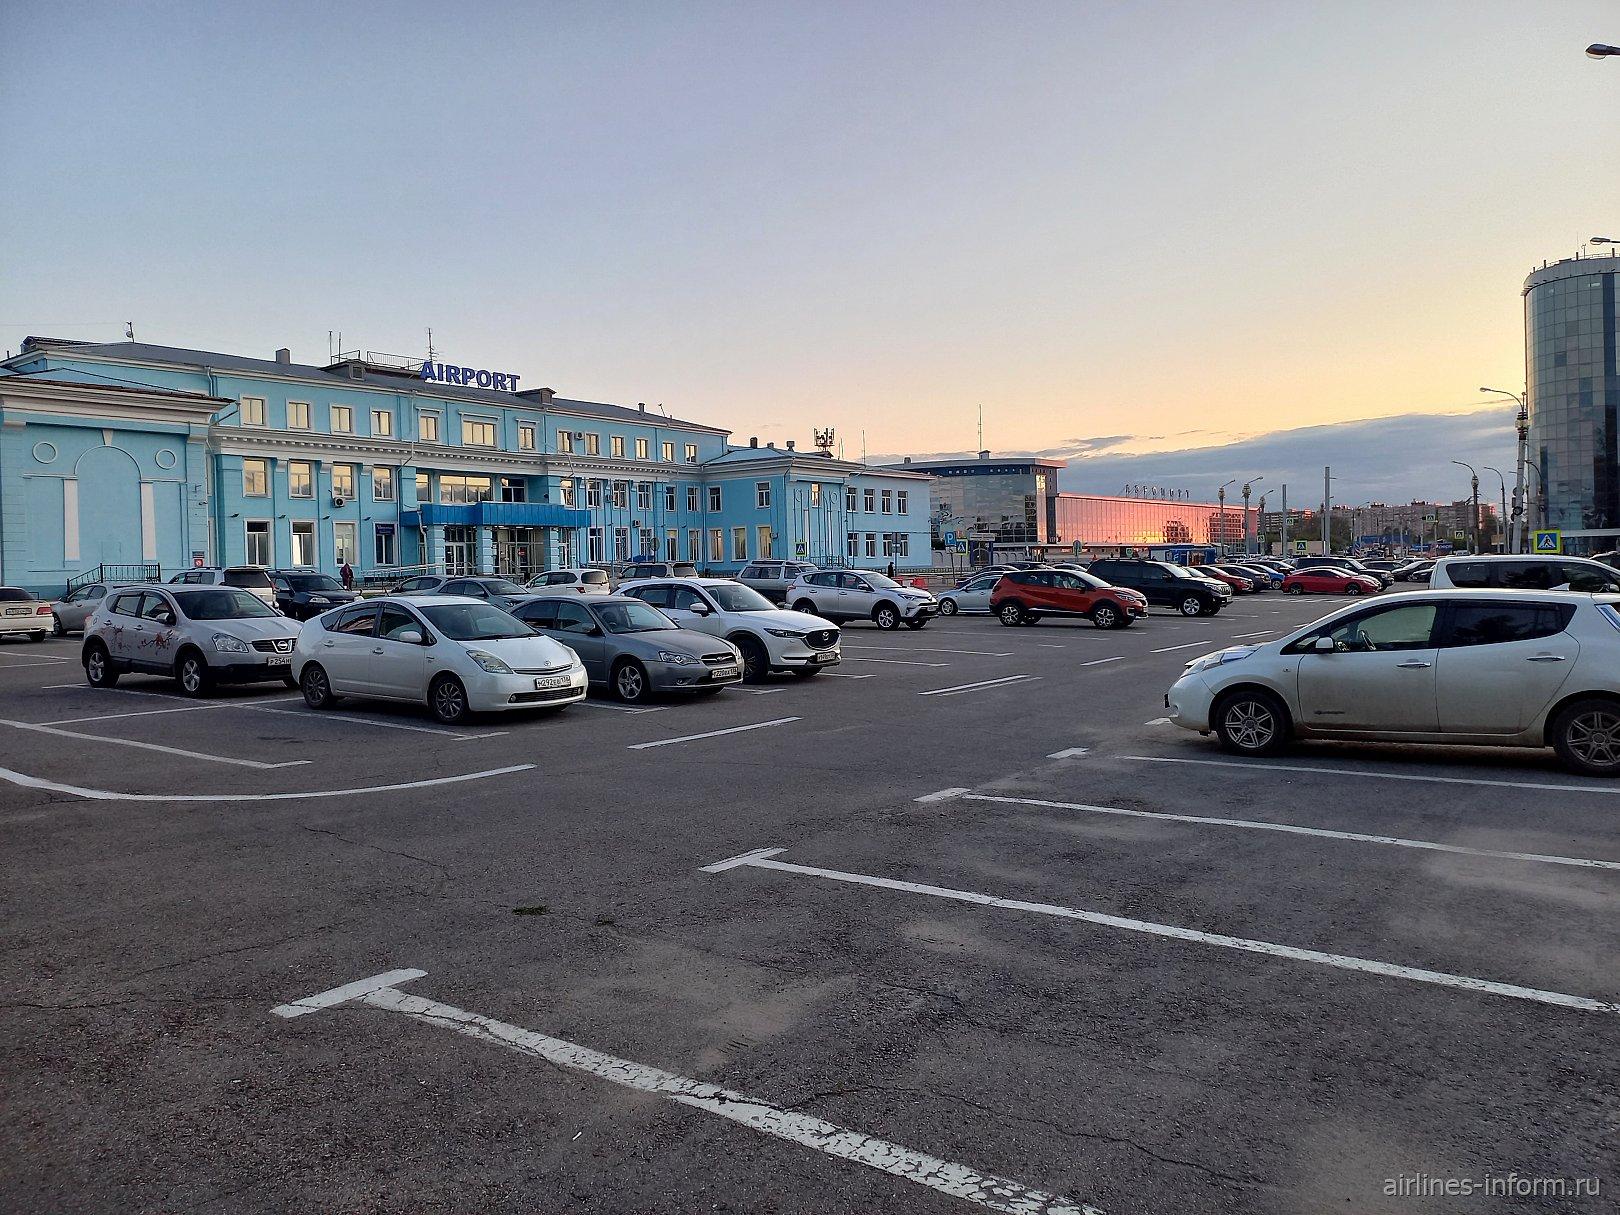 25.08.21 Вечерний споттинг в Иркутске.